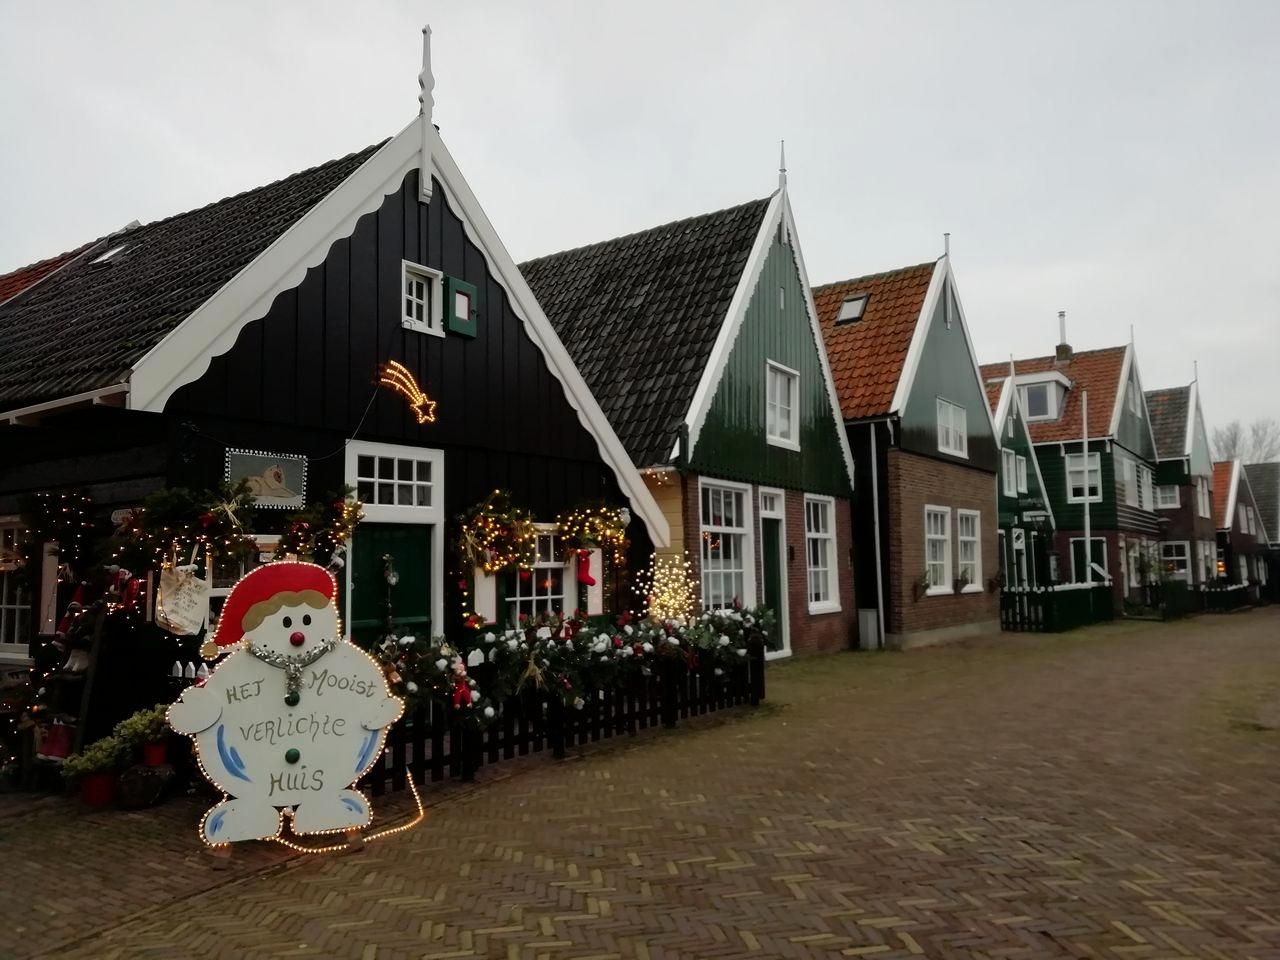 Diferencia entre Holanda y Países Bajos: ¿es lo mismo?